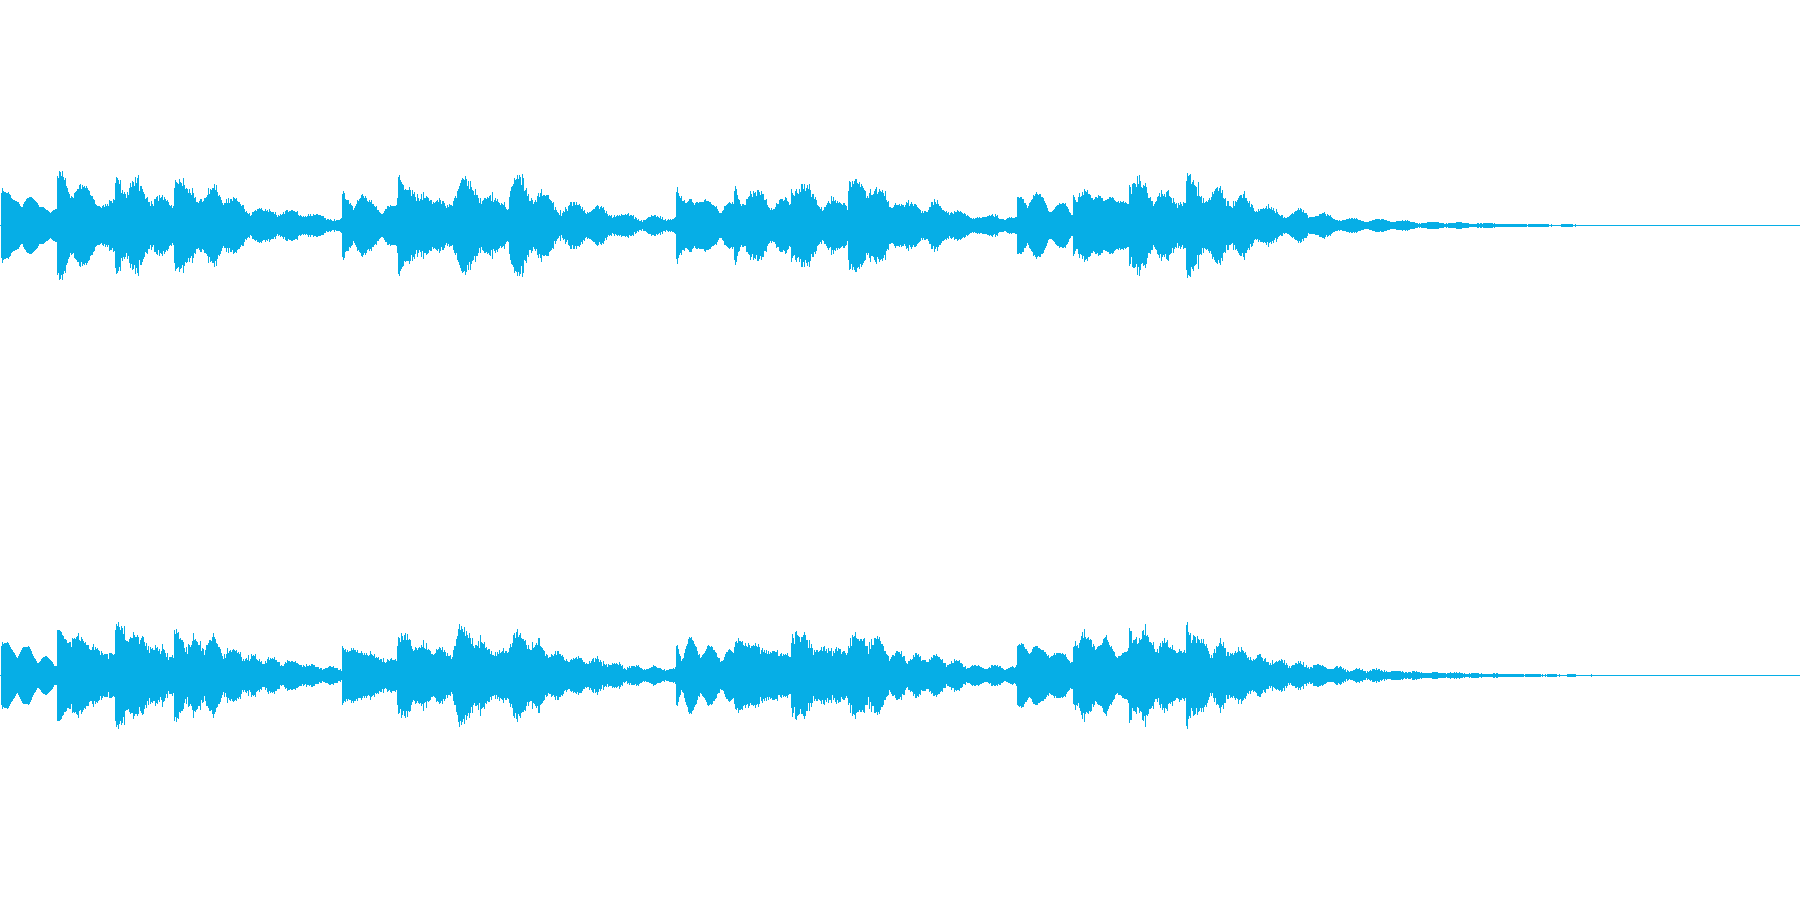 【チャイム 学校01-1】の再生済みの波形